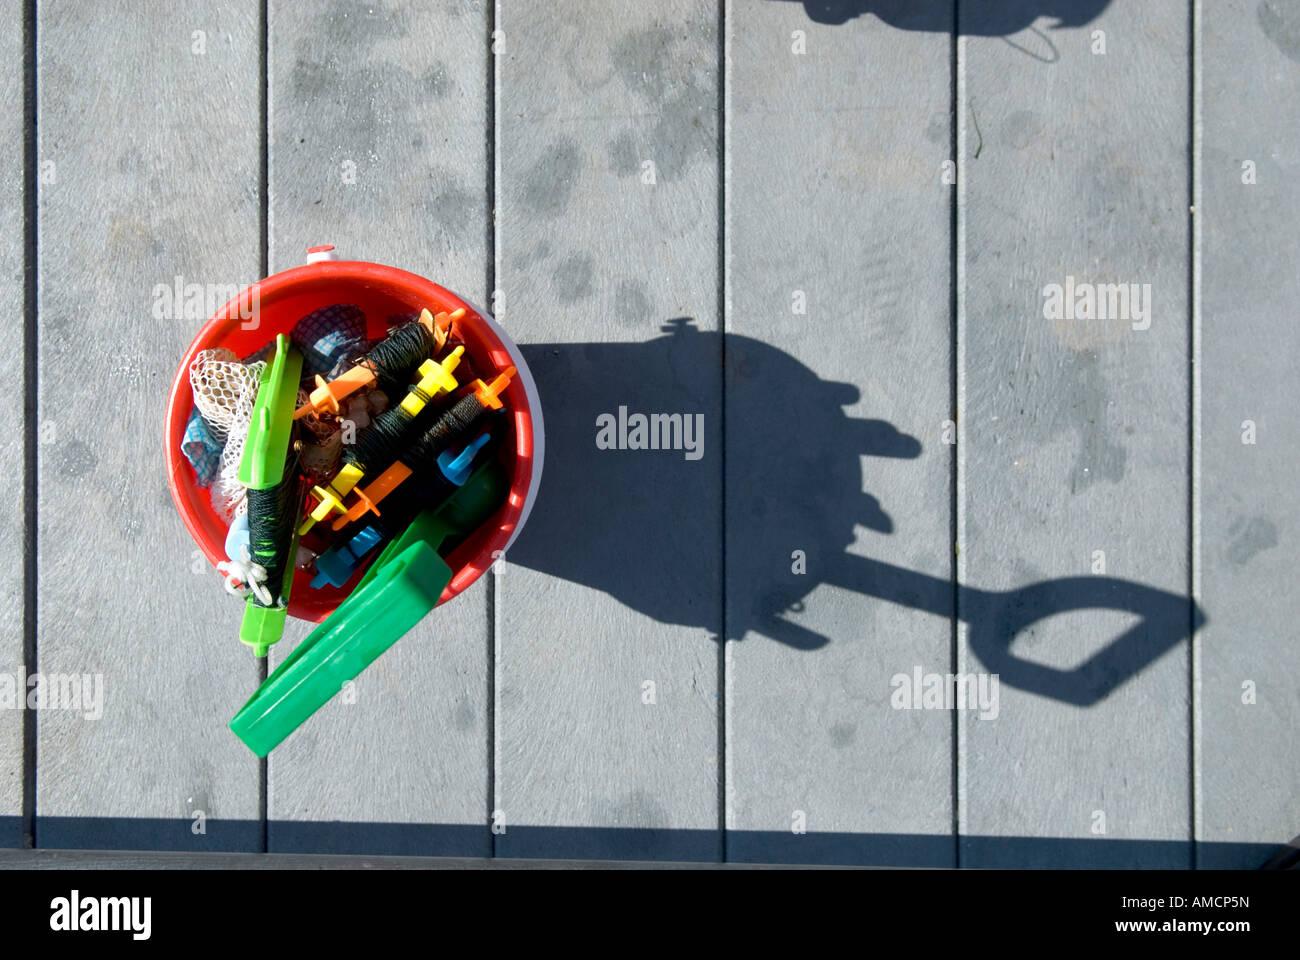 blickte auf ein Spielzeug Eimer gefüllt mit Krabben mehrzeilig und einen Spaten auf einem Steg in Cornwall Stockbild